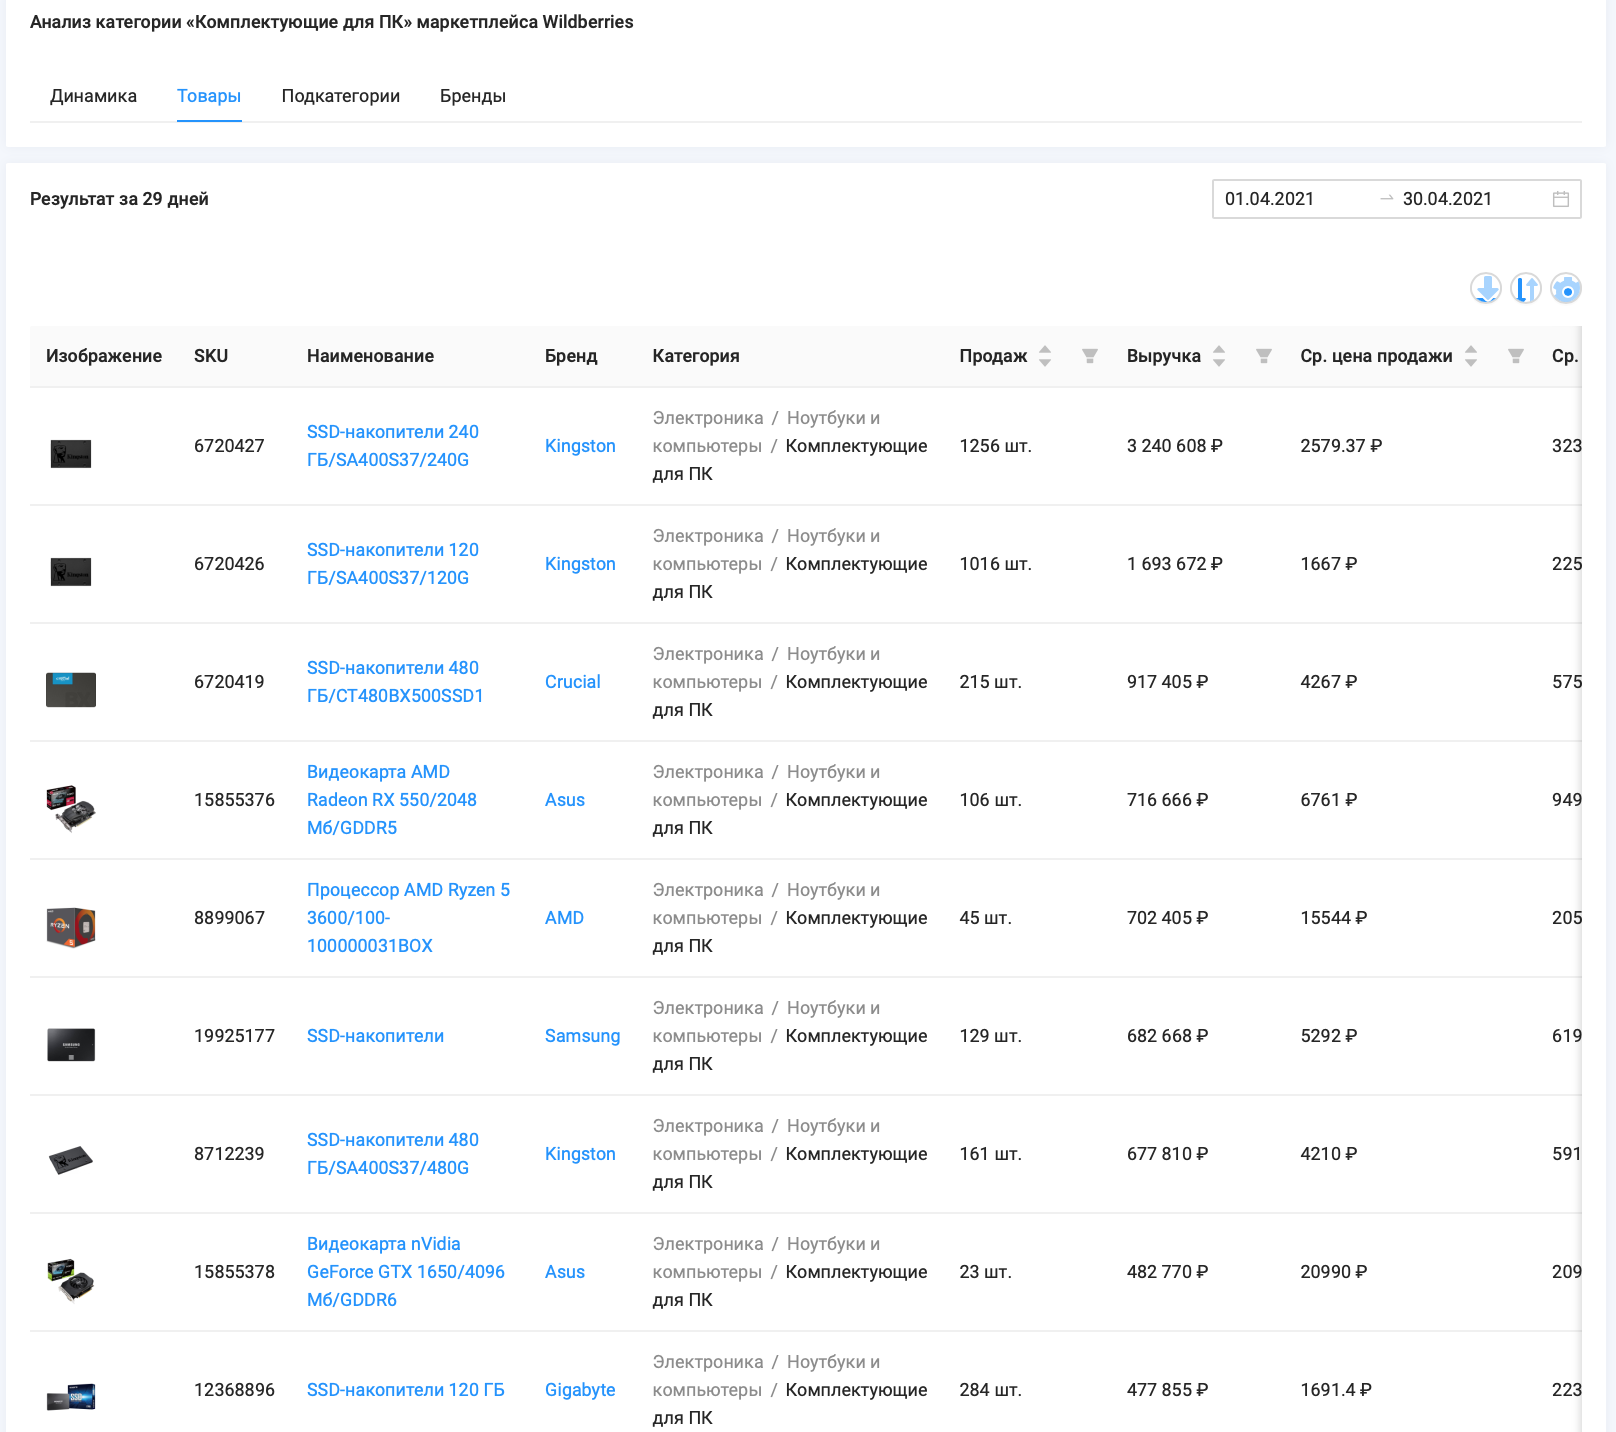 """Список лидеров по объему выручки товаров категории """"Комплектующие для ПК"""" маркетплейса Wildberries, период 1.04 - 30.04.21, данные сервиса аналитики SellerFox"""